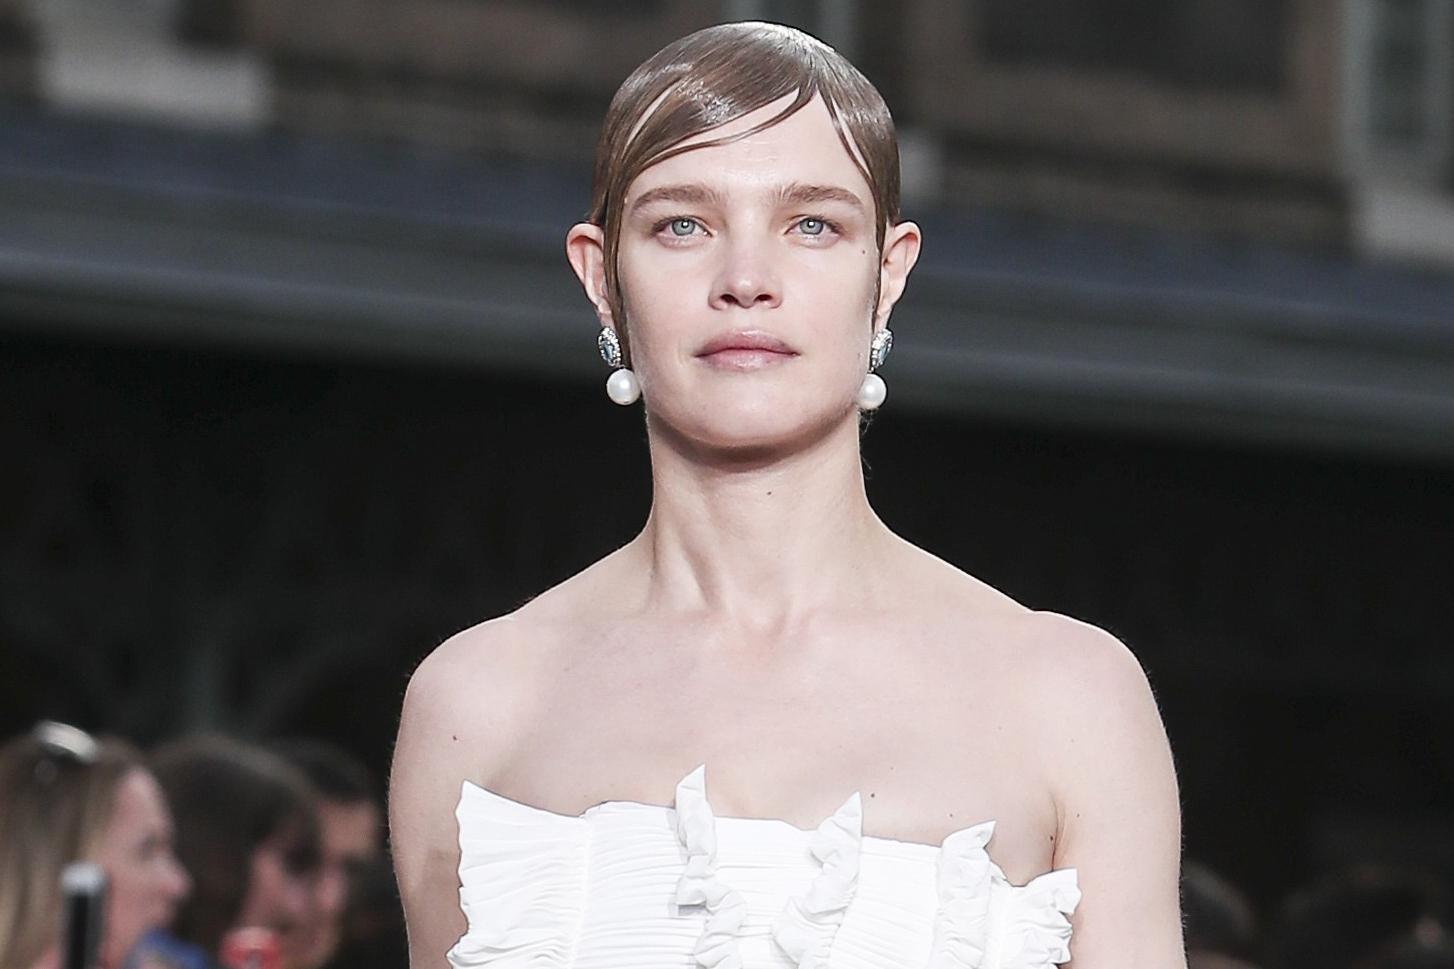 Водянова стала главной звездой показа модного дома Givenchy. Фото: East News.